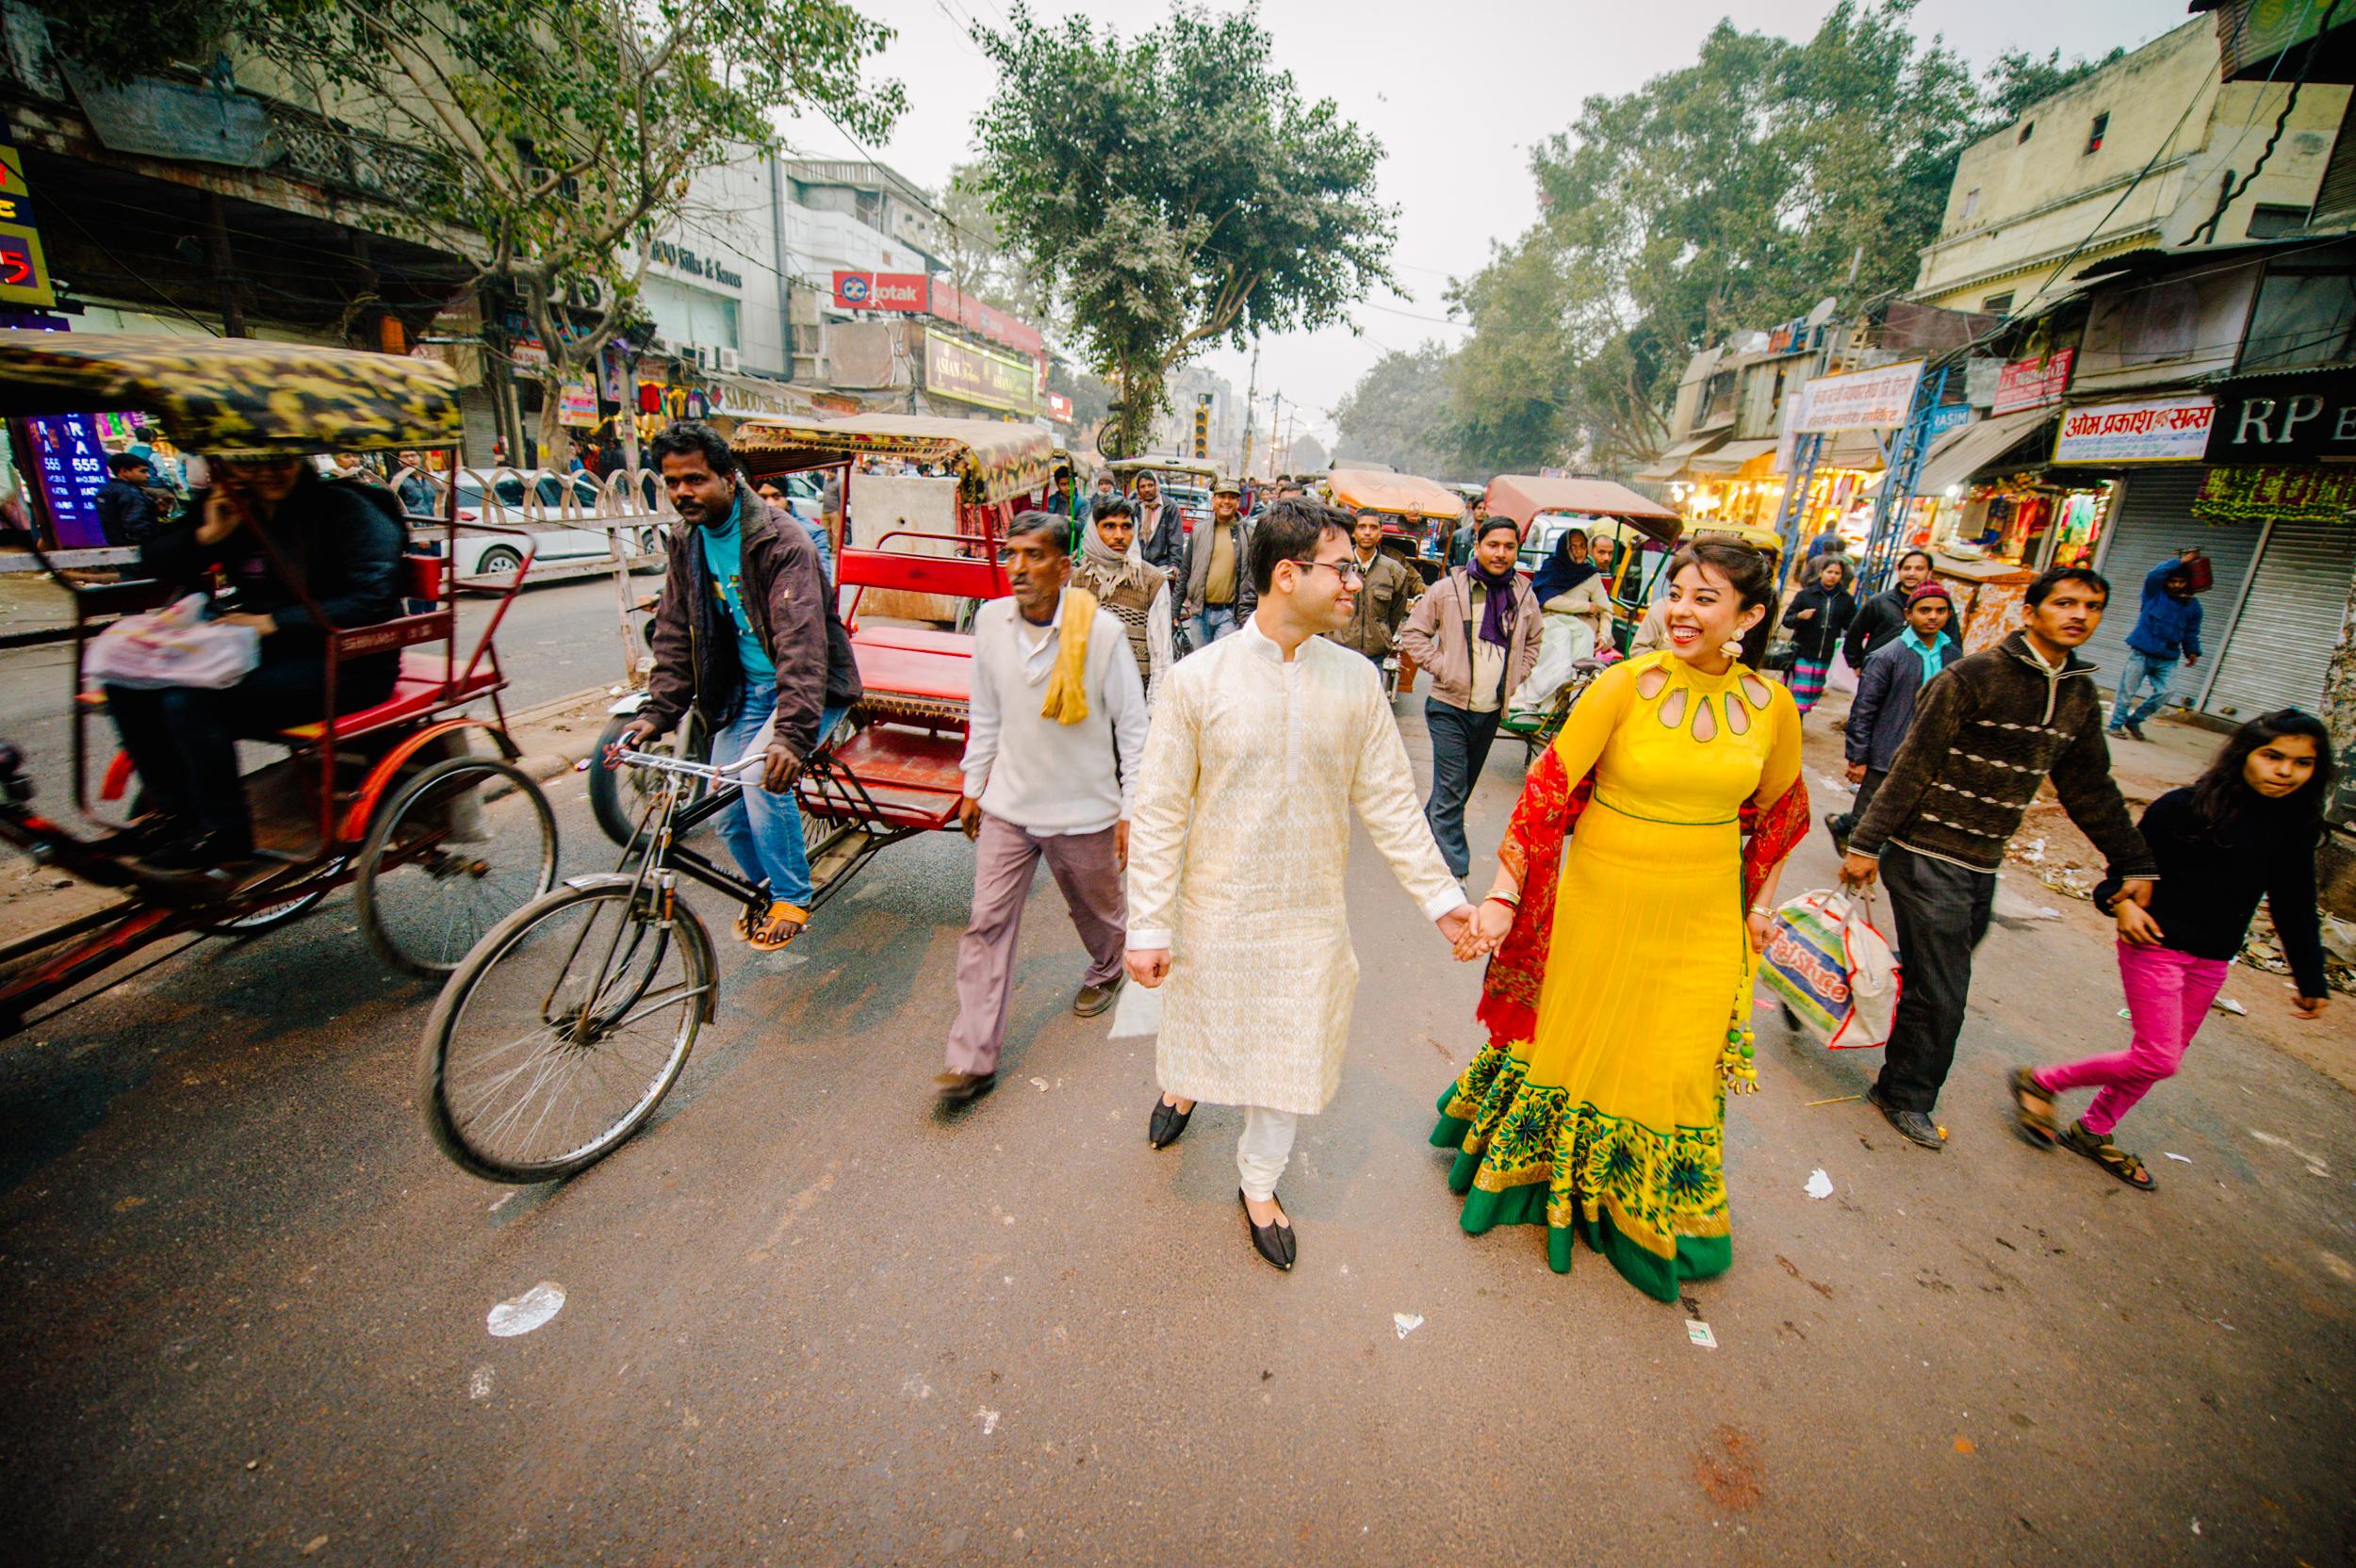 JKP_Indian_Weddings_0176.JPG